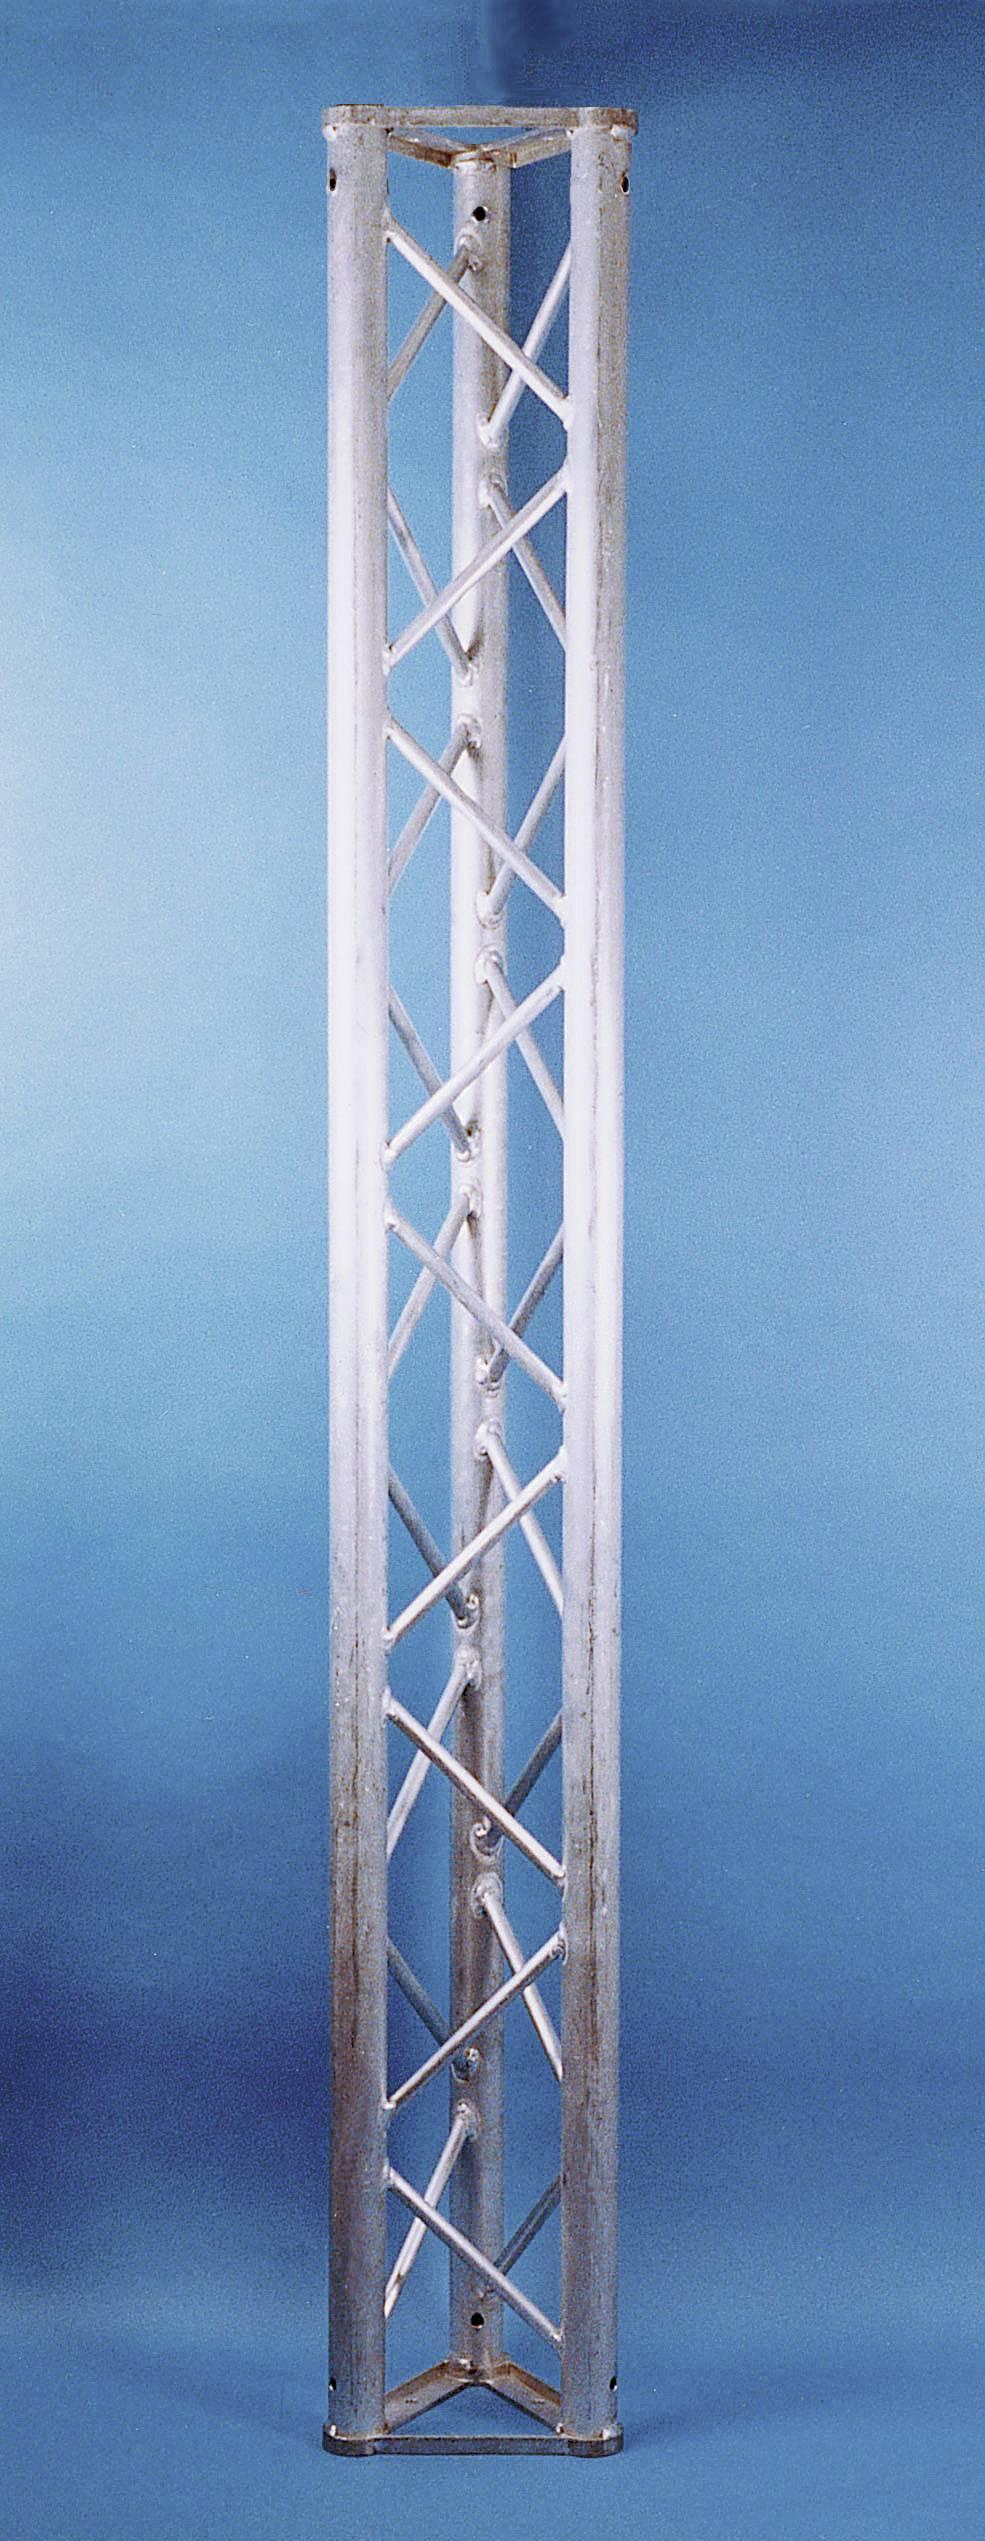 3-bodová rampa Alutruss TRISYSTEM PST-2000 6020450B, 200 cm